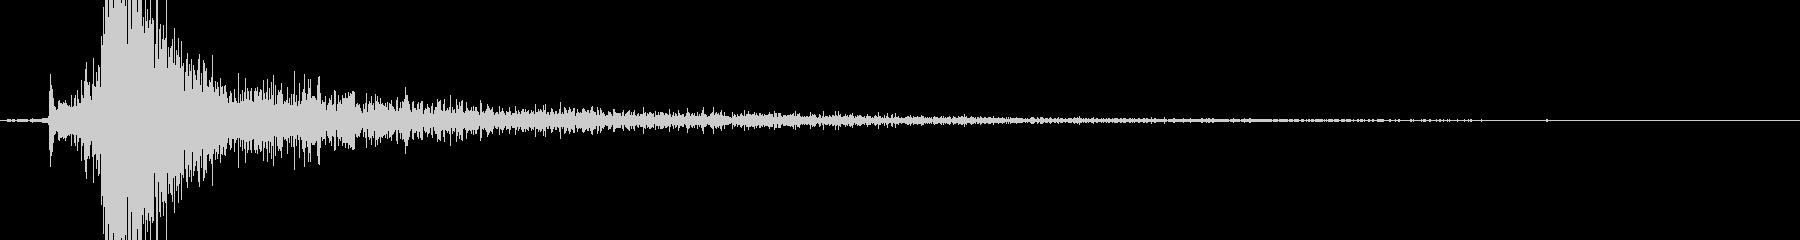 カチッ(金属系効果音)の未再生の波形